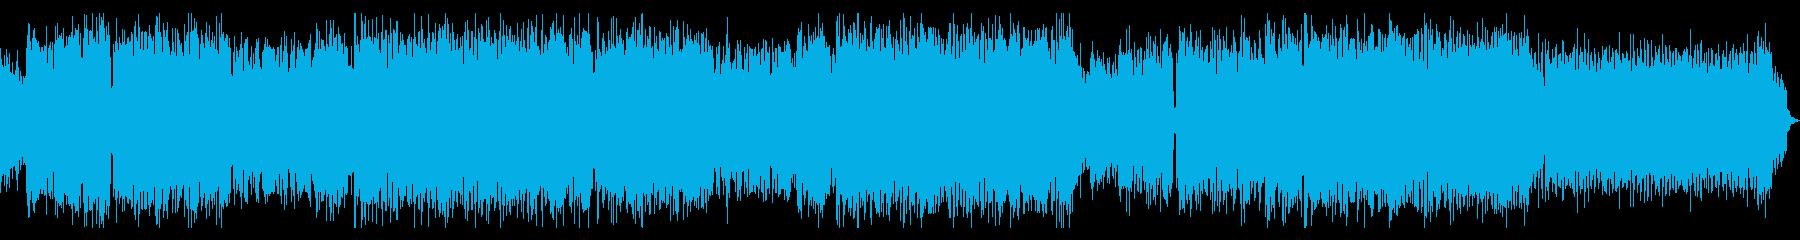 エキサイティングなエレクトロサウンドの再生済みの波形